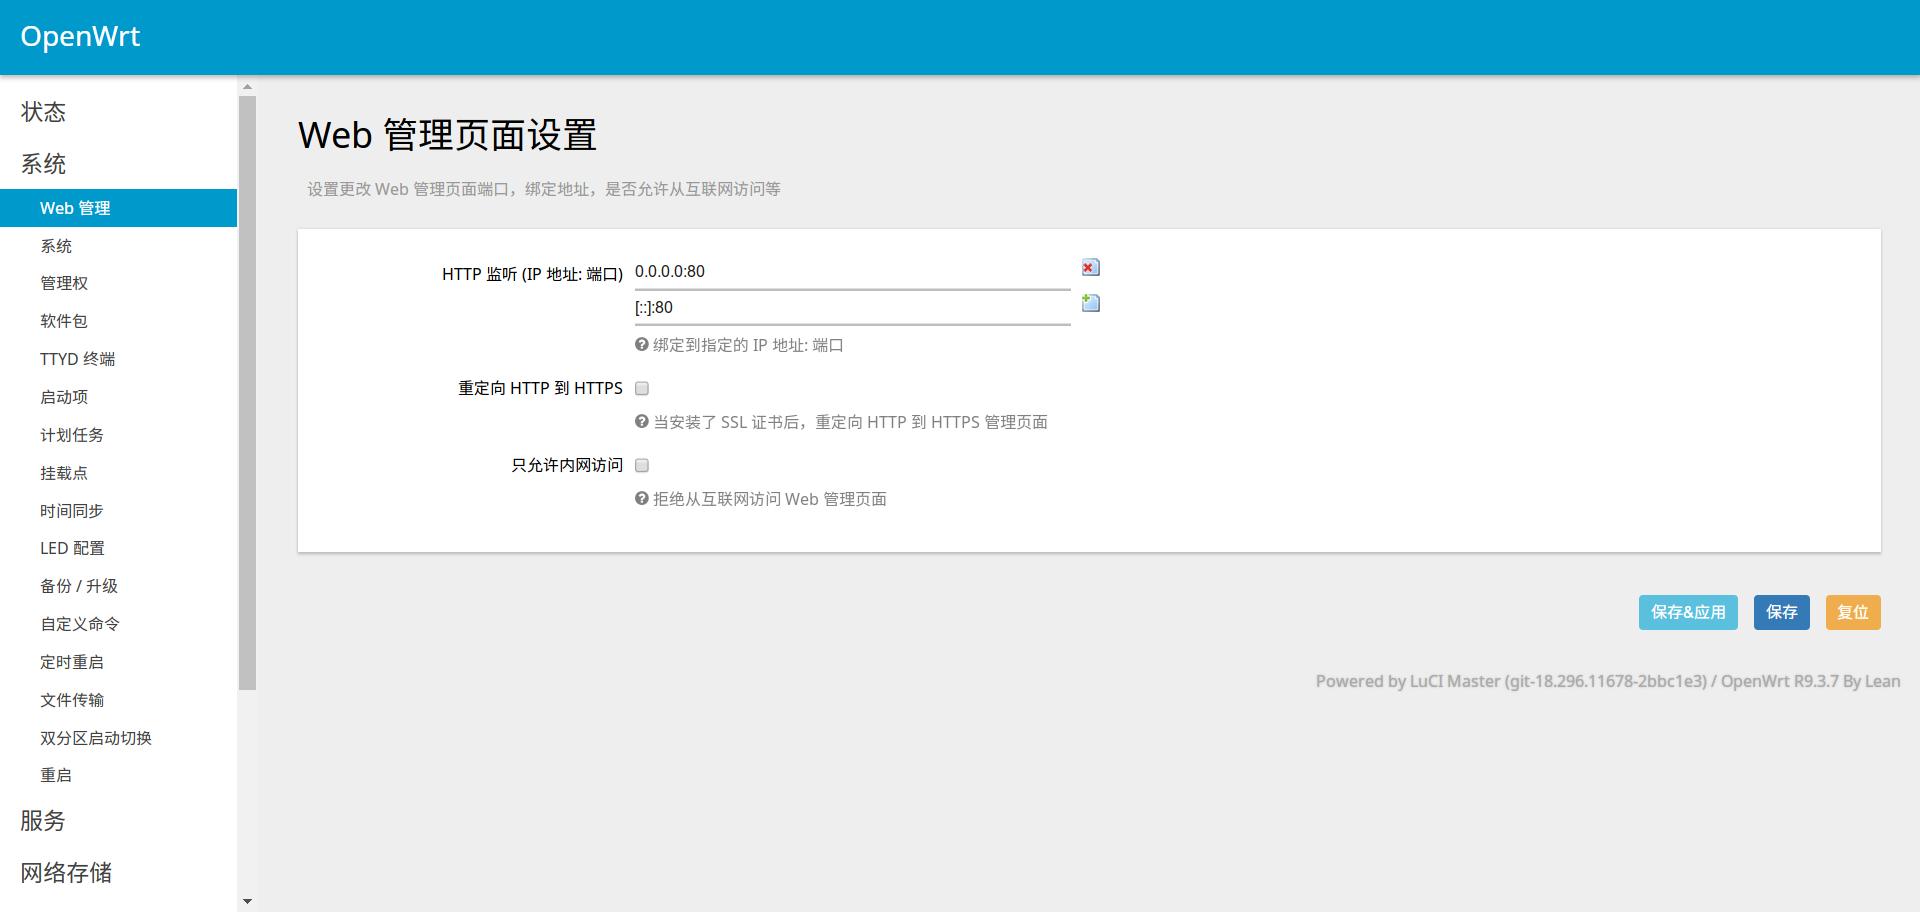 WEB 管理页面